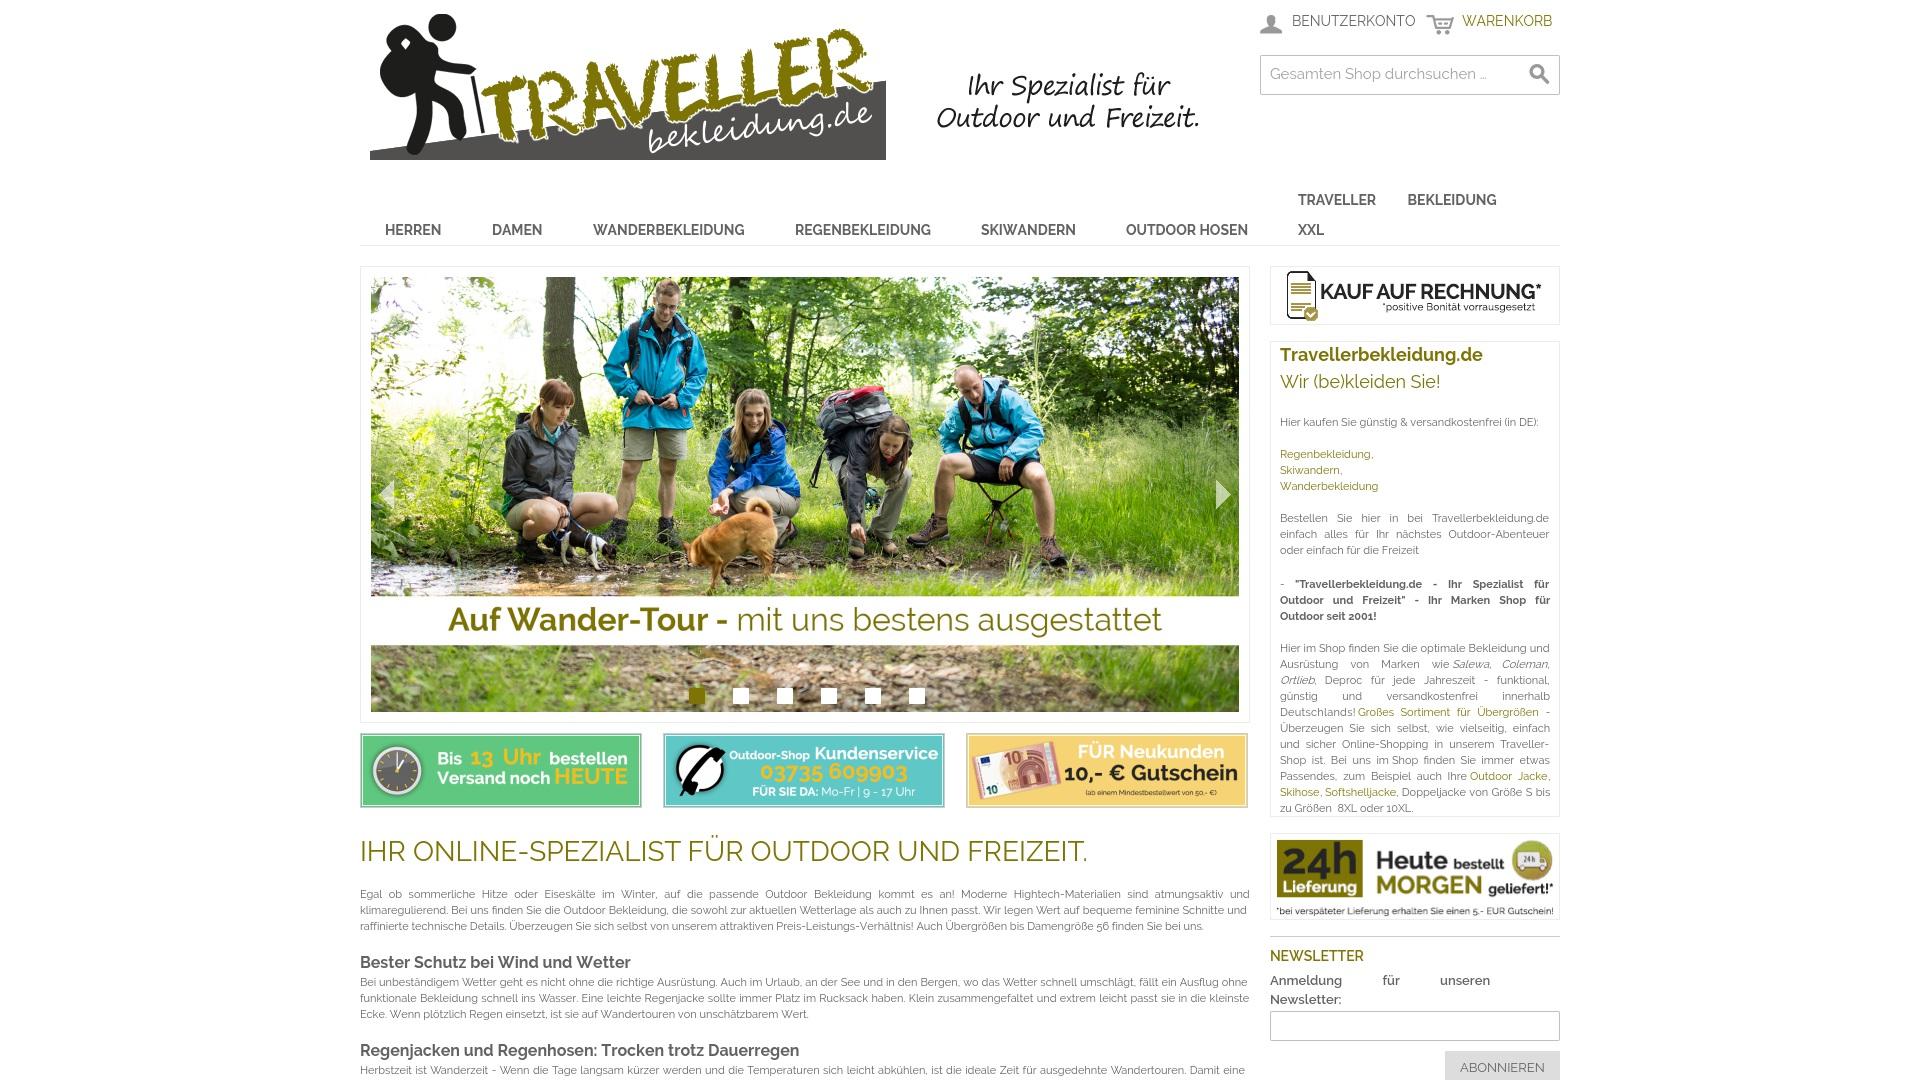 Gutschein für Travellerbekleidung: Rabatte für Travellerbekleidung sichern